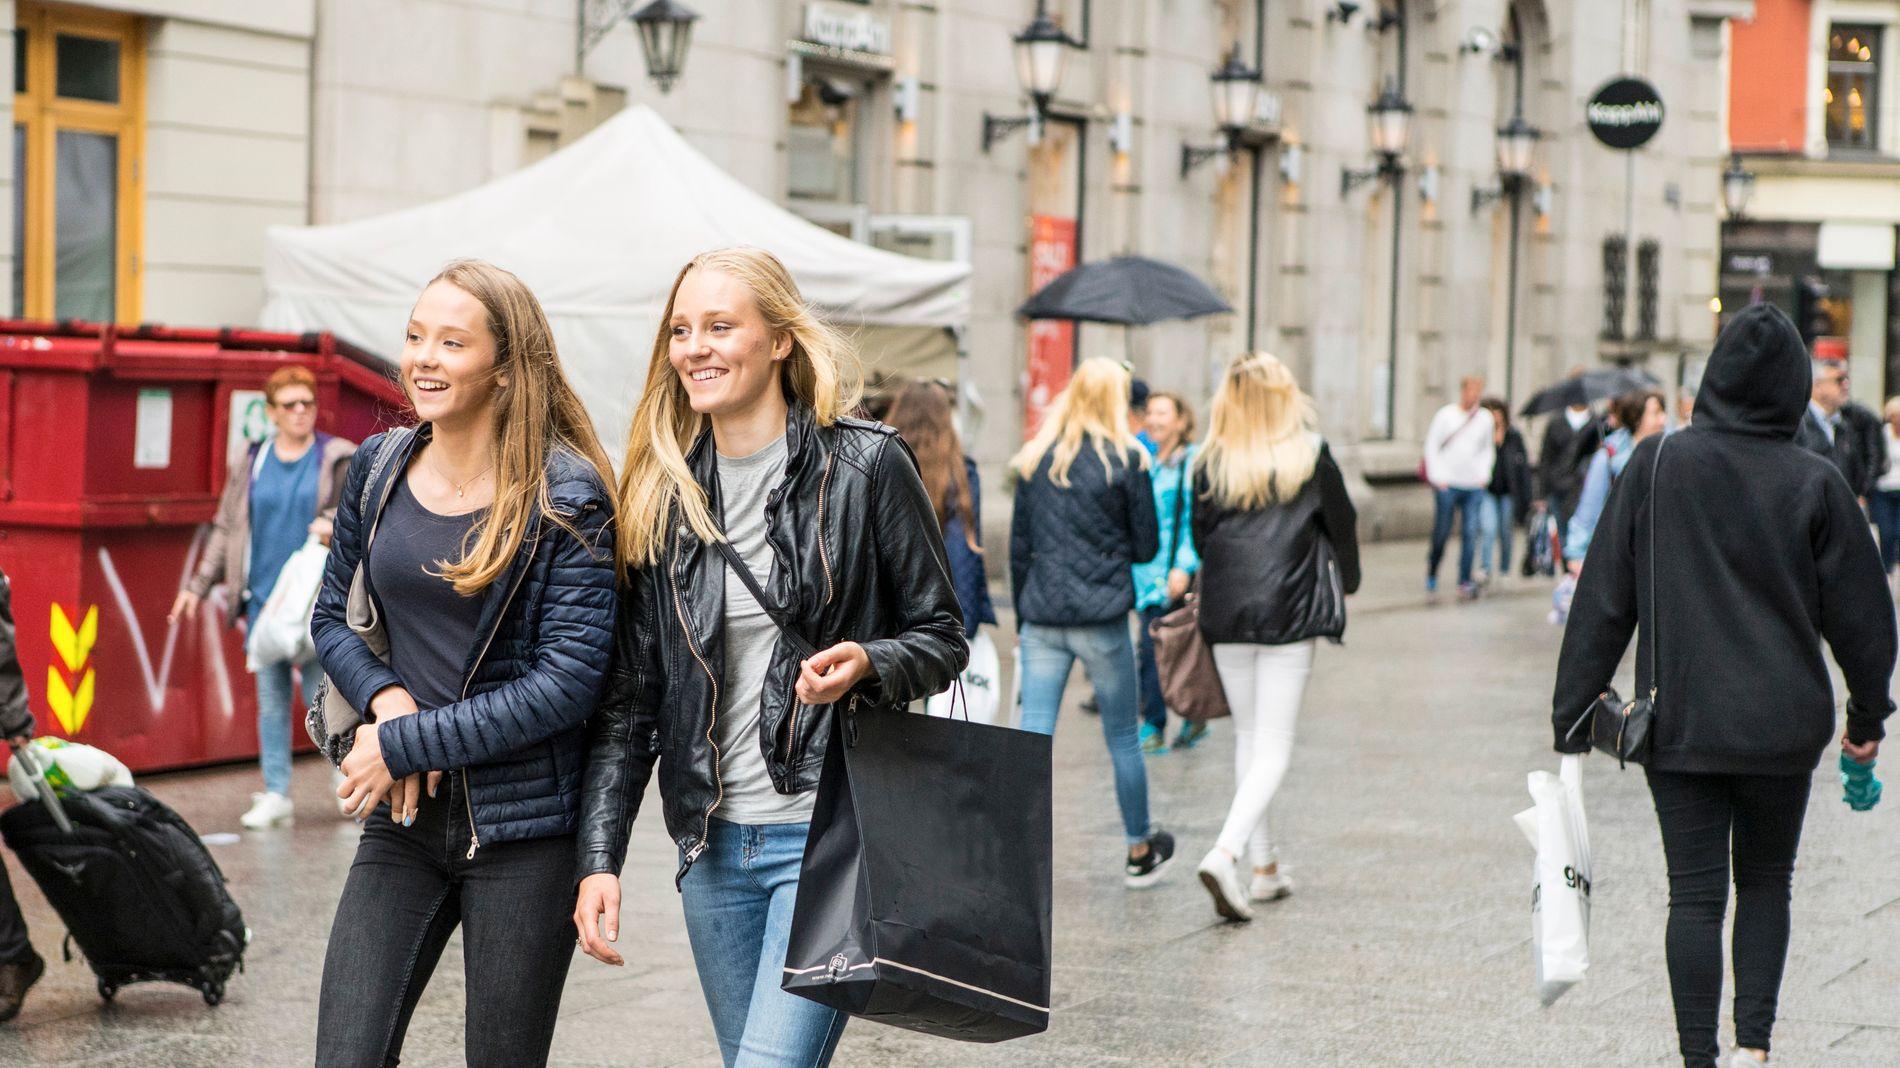 EKSPERTER BEKYMRET: Nær en av ti unge sier de bruker forbrukslån for å forsørge seg selv. Her er unge jenter på shopping i Karl Johans gate i Oslo.